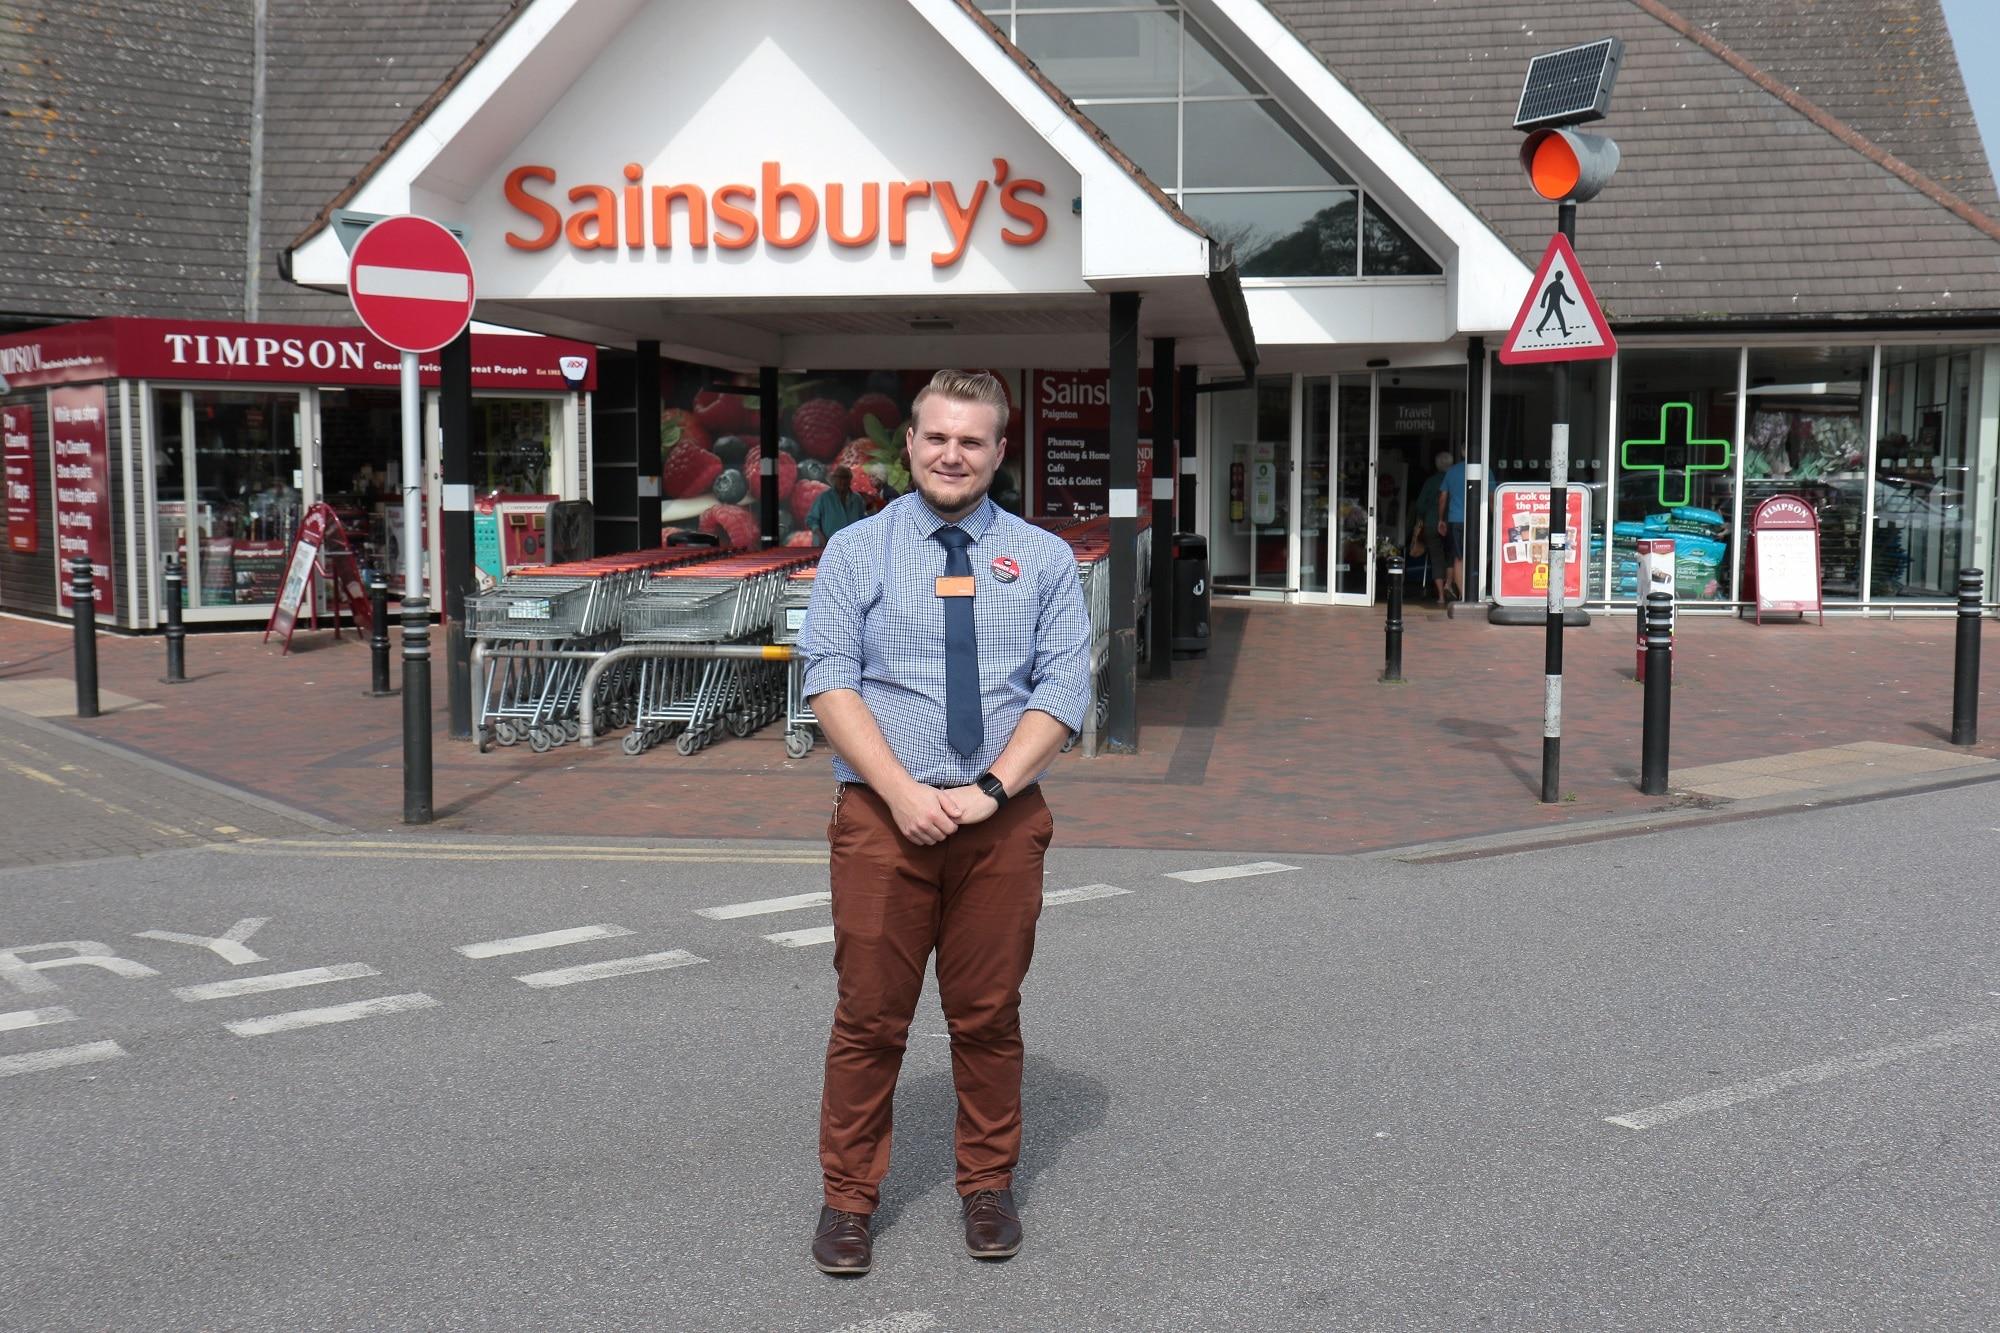 Sainsbury's Paignton